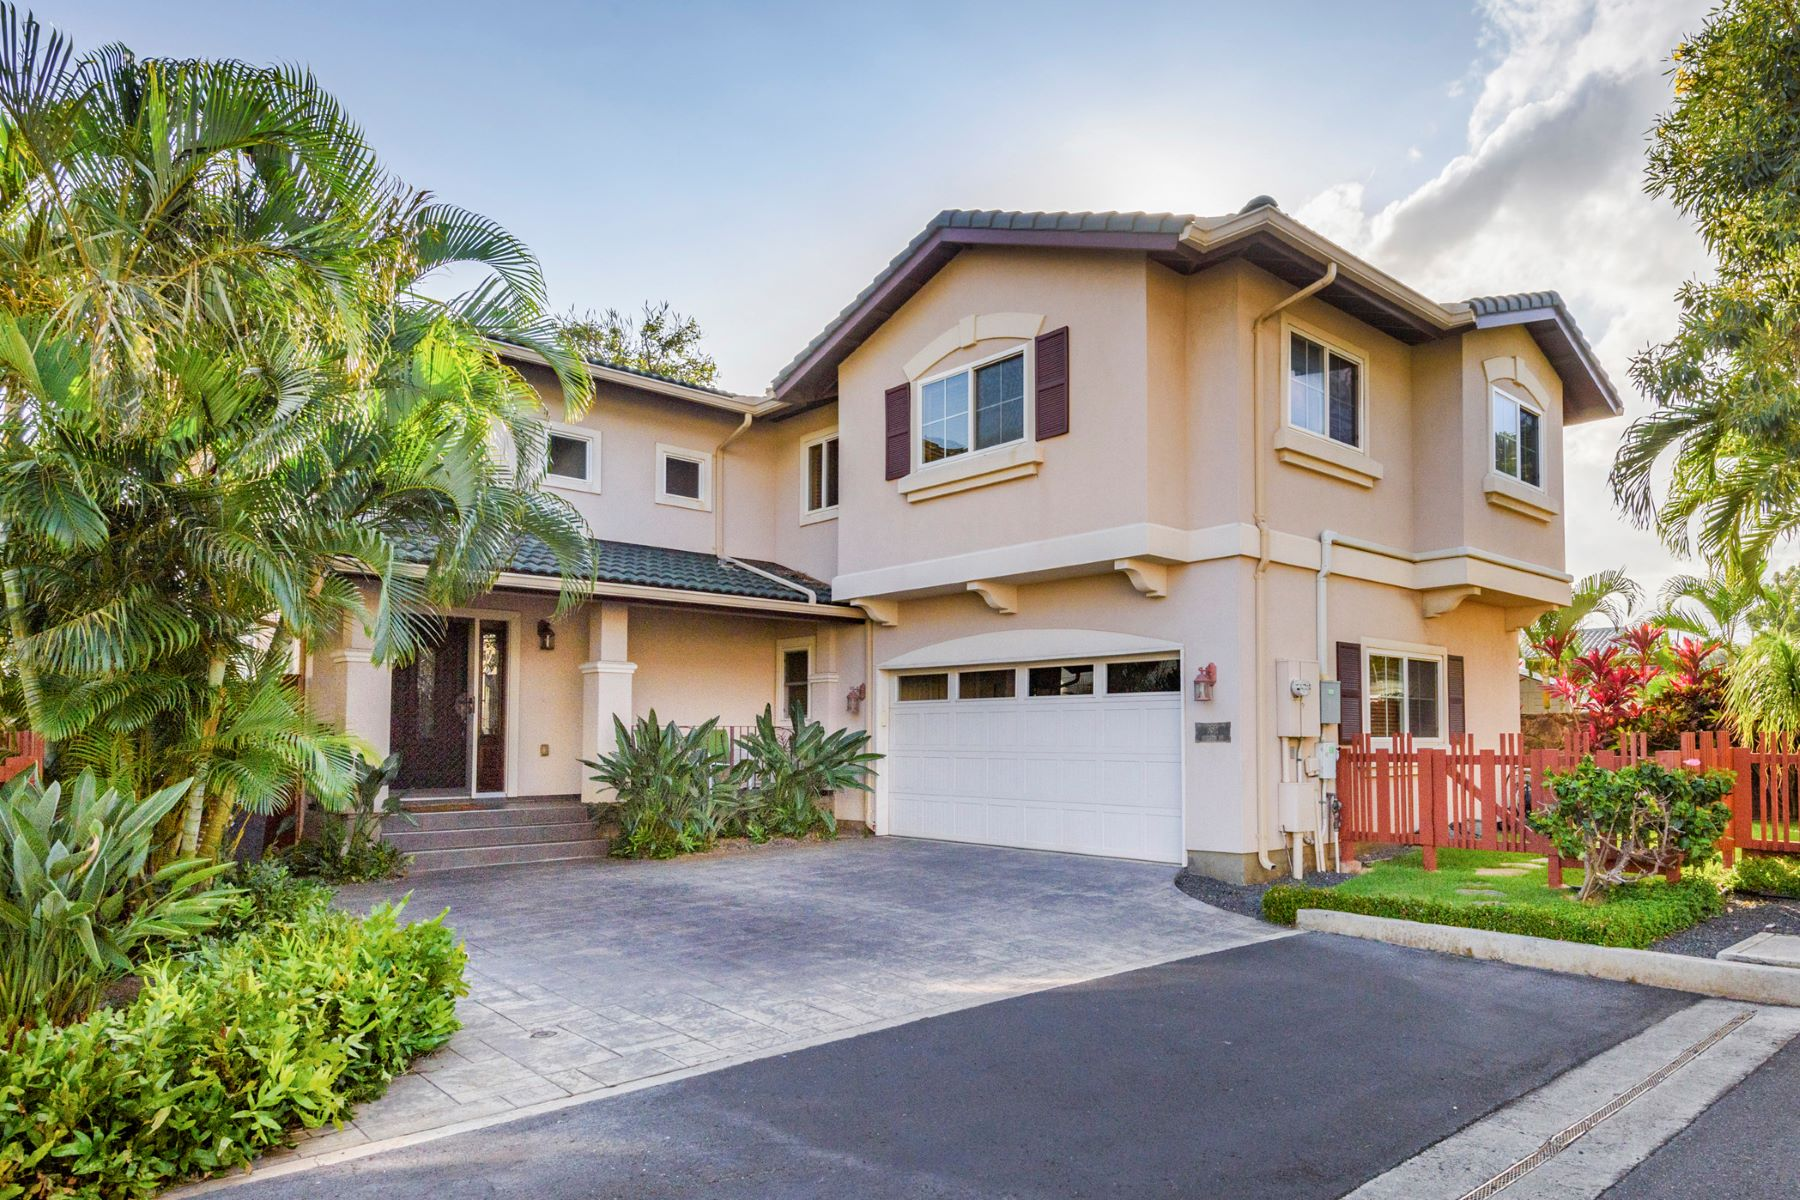 Propriedade à venda Honolulu